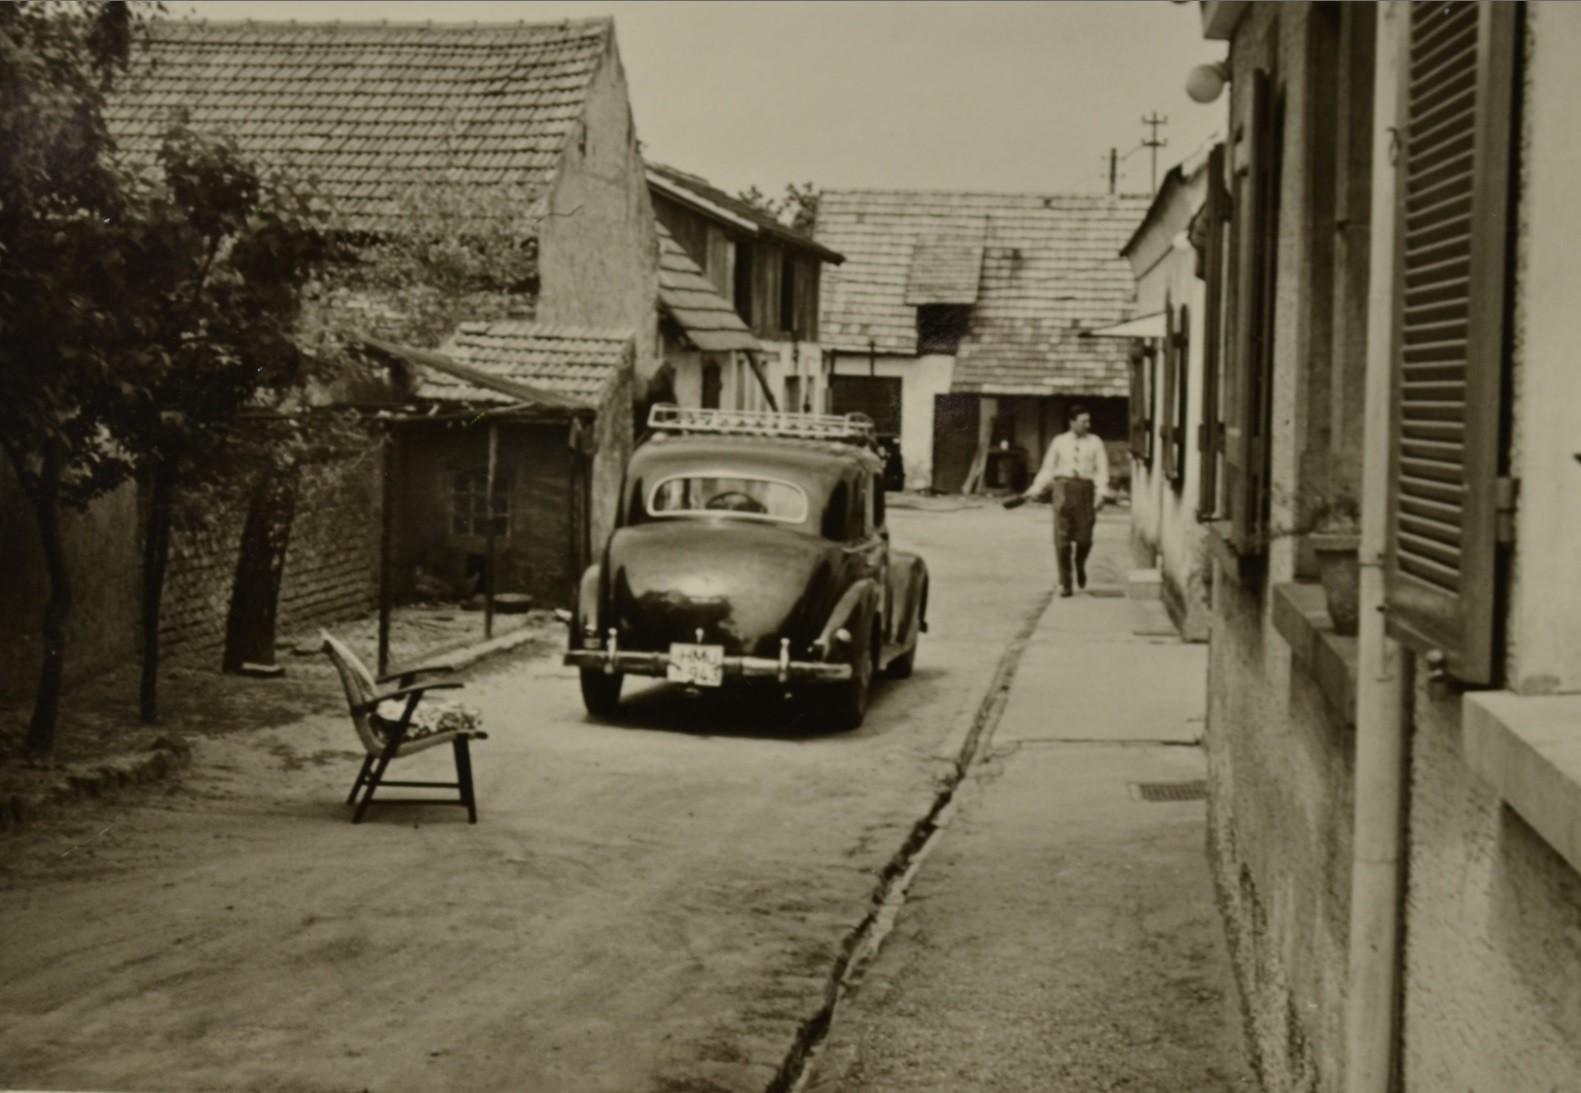 Günter Stadler mit Mercedes 180 der Firma Oppermann im elterlichen Anwesen 1960